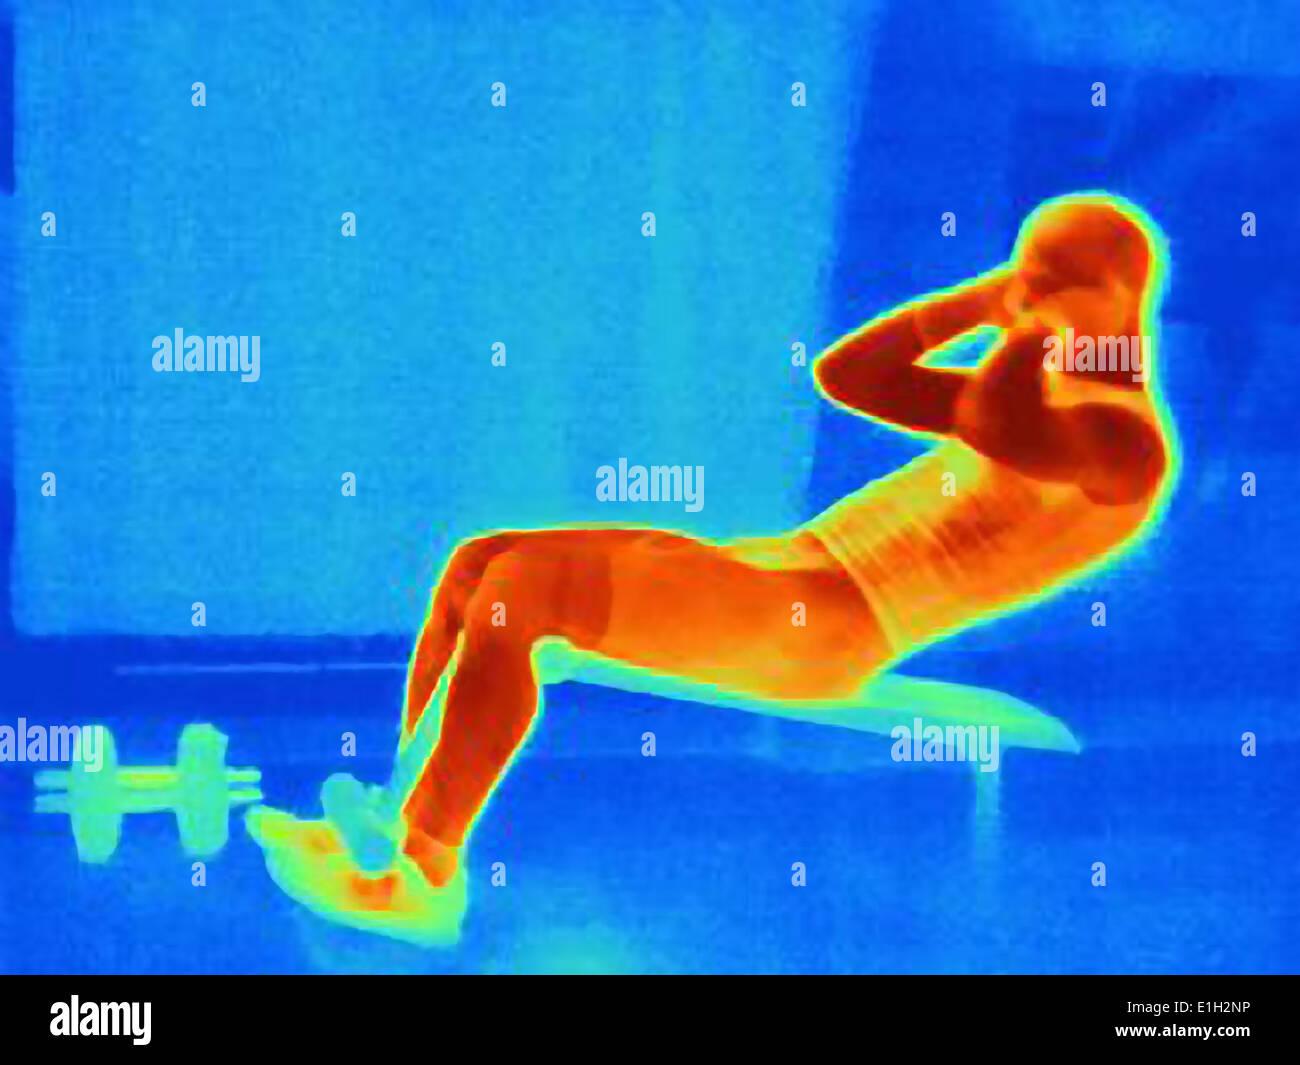 Imagen térmica de la joven haciendo tirar ups en la banqueta de peso. La imagen muestra el calor producido por los músculos Imagen De Stock